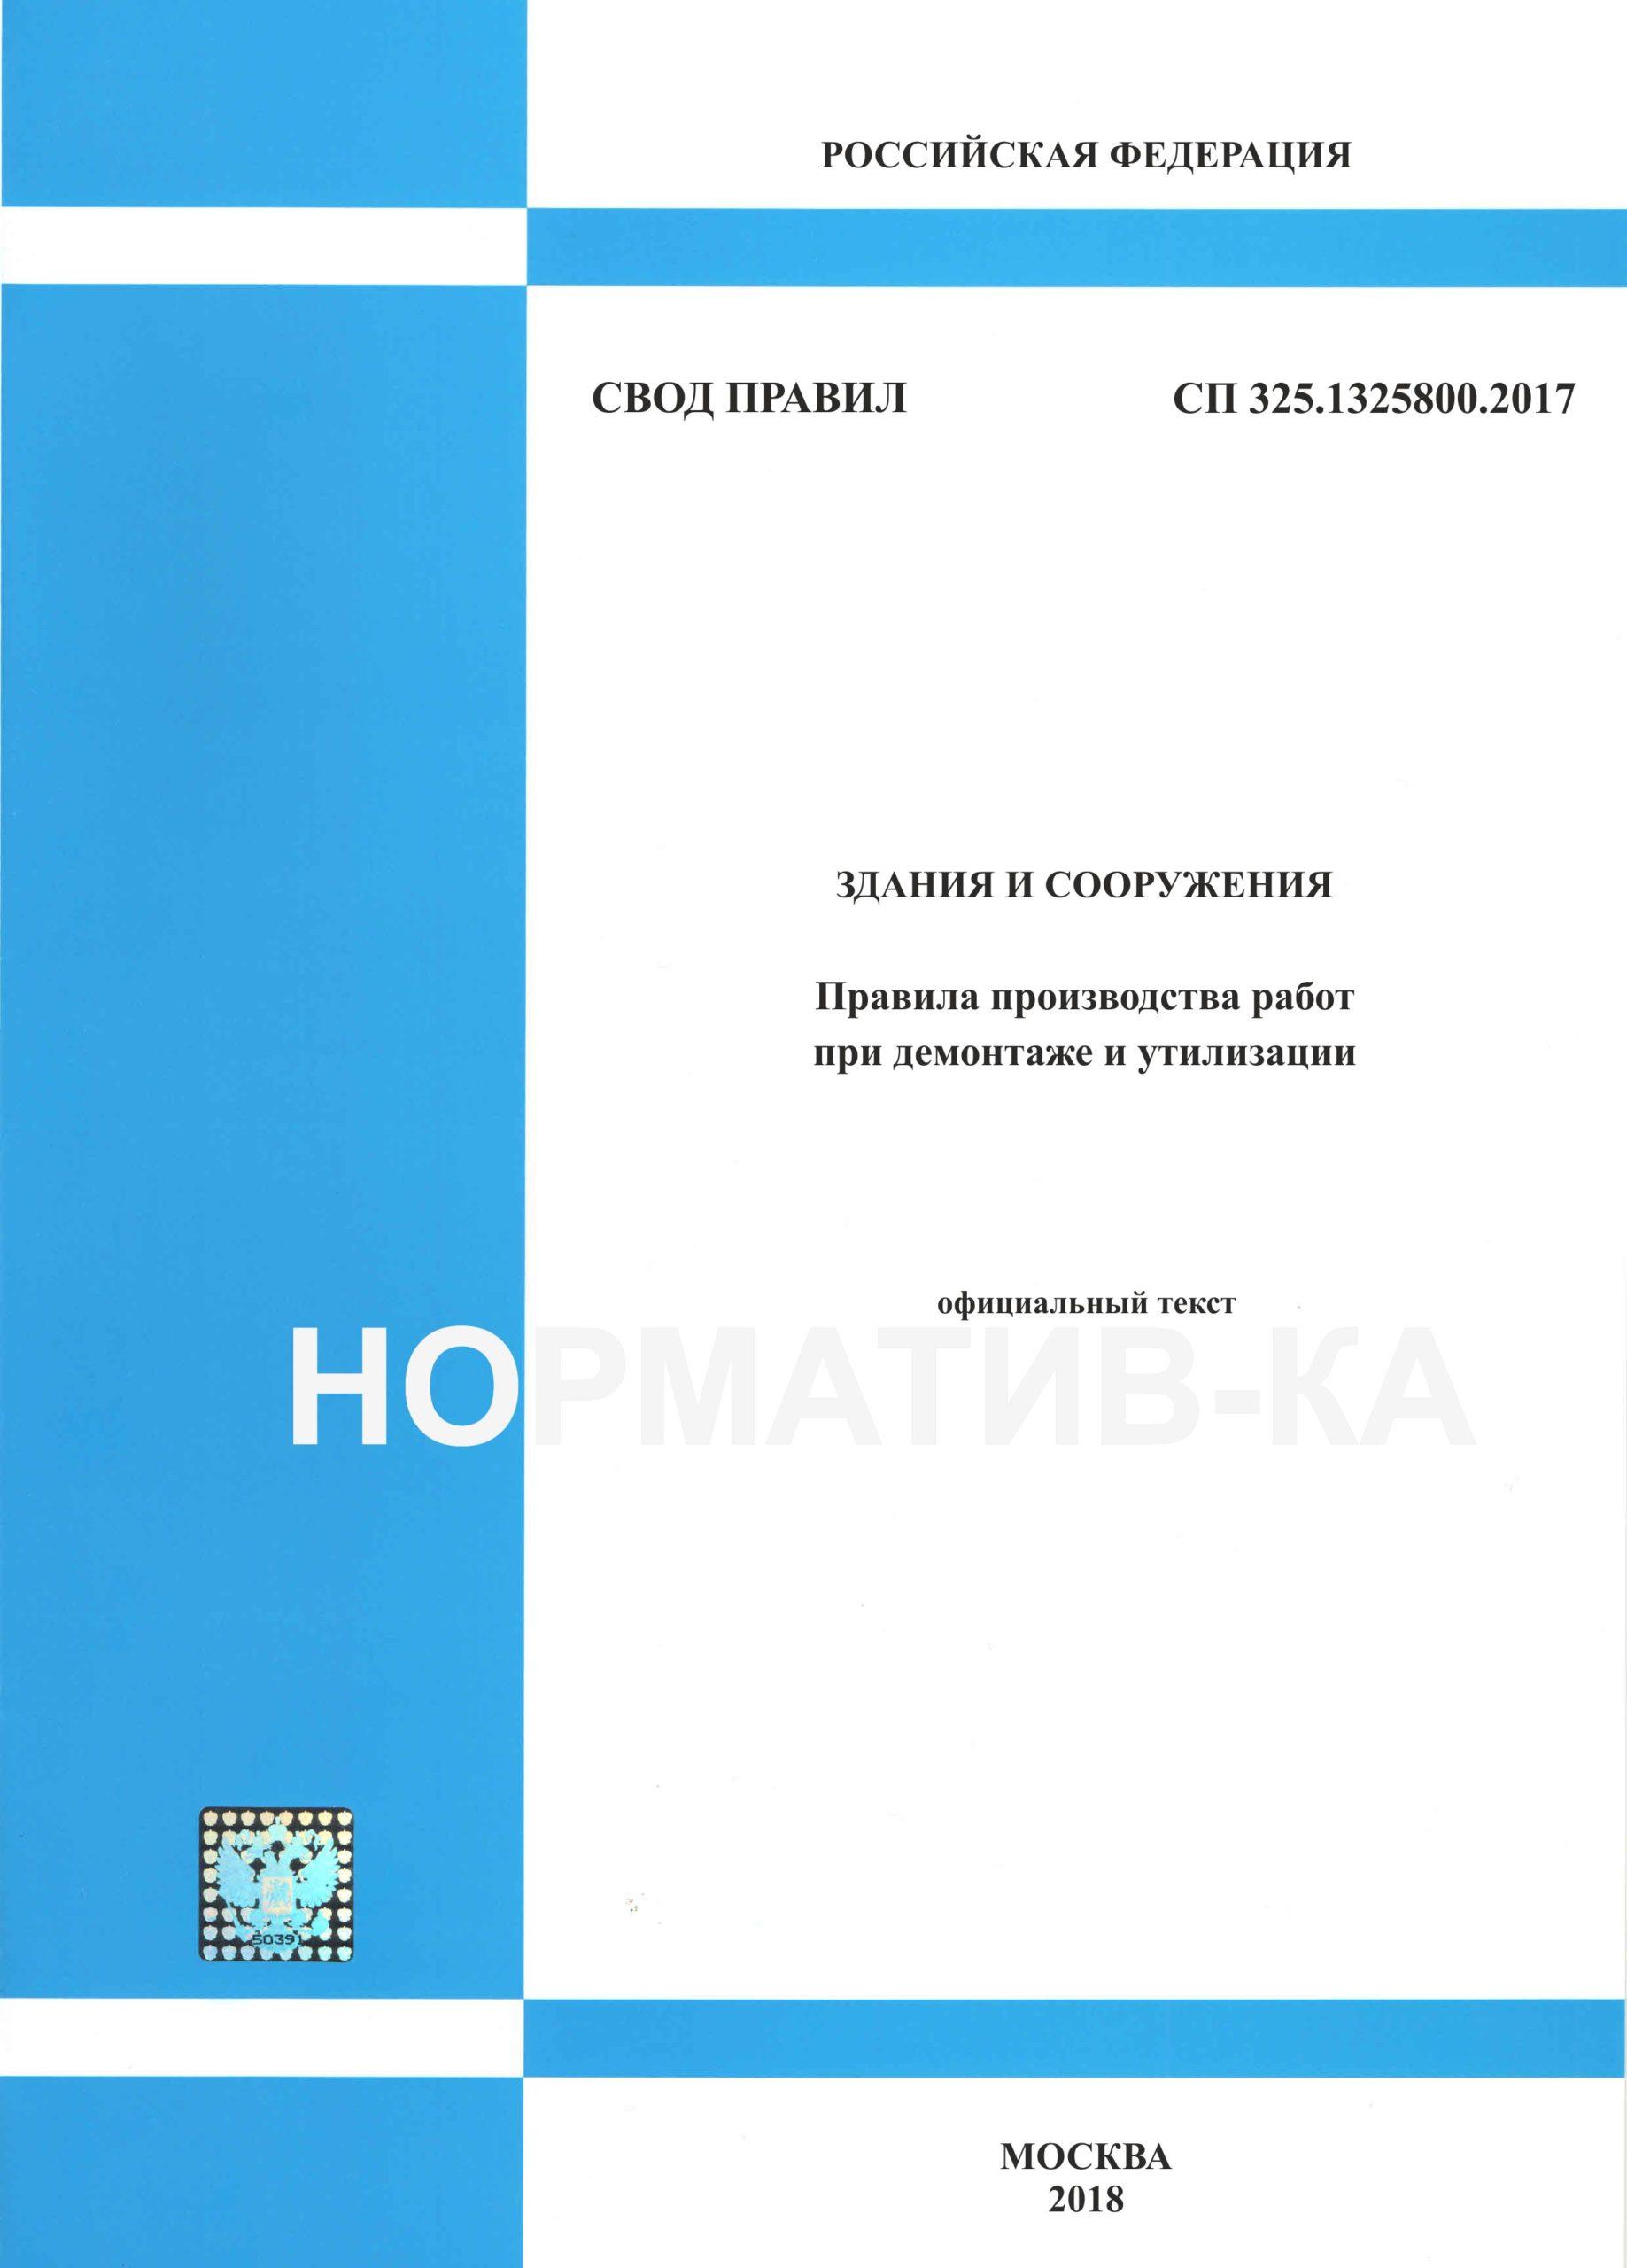 СП 325.1325800.2017